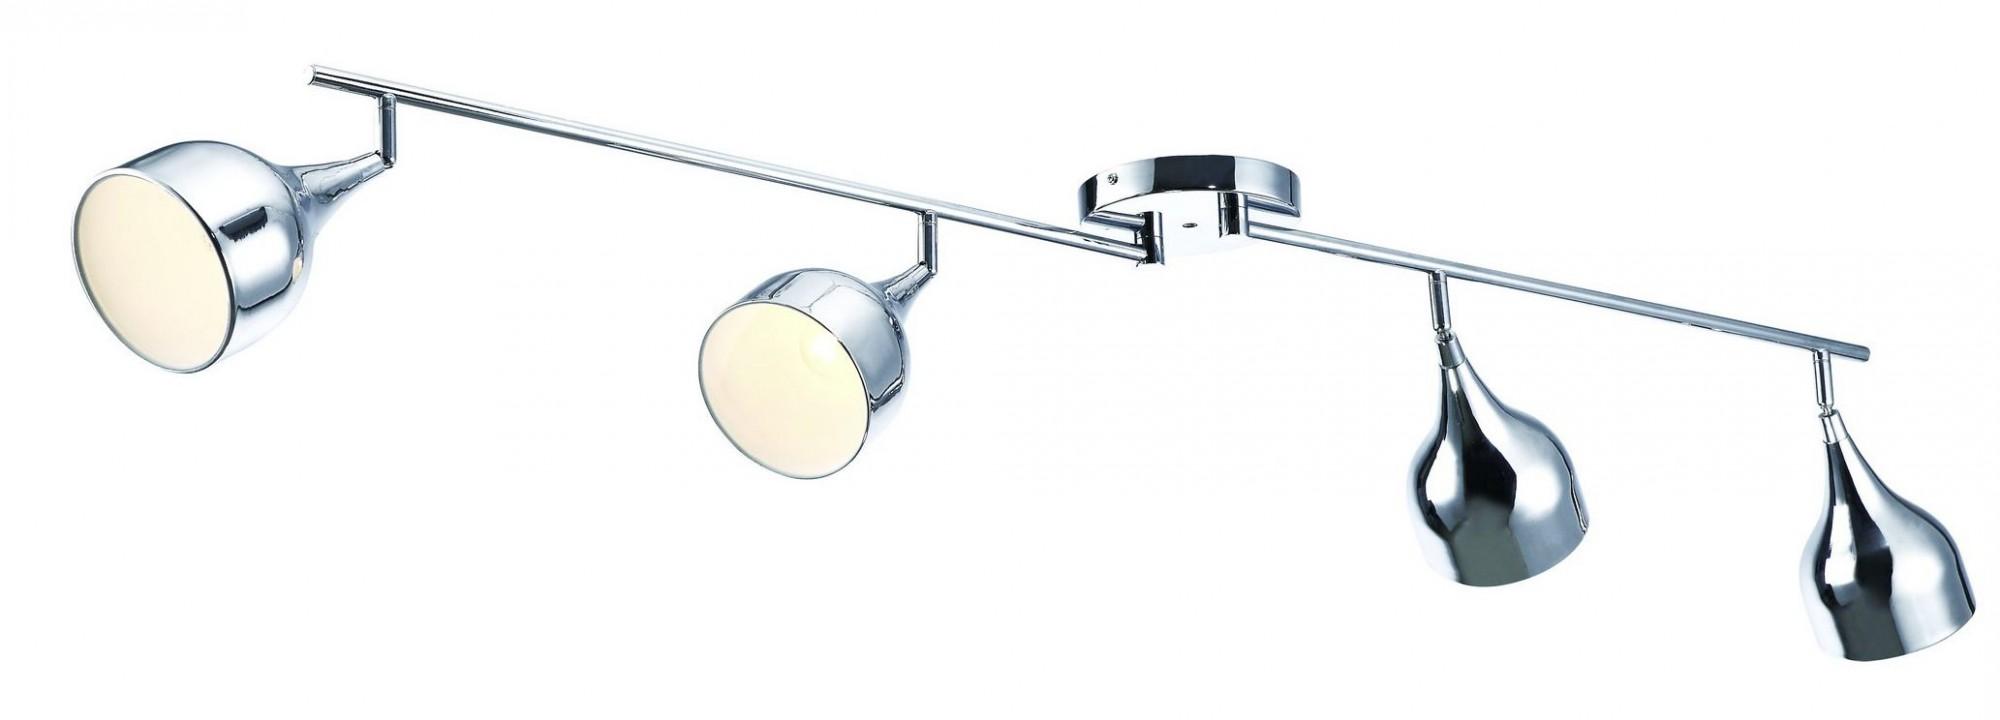 Фото товара A9555PL-4CC Arte Lamp